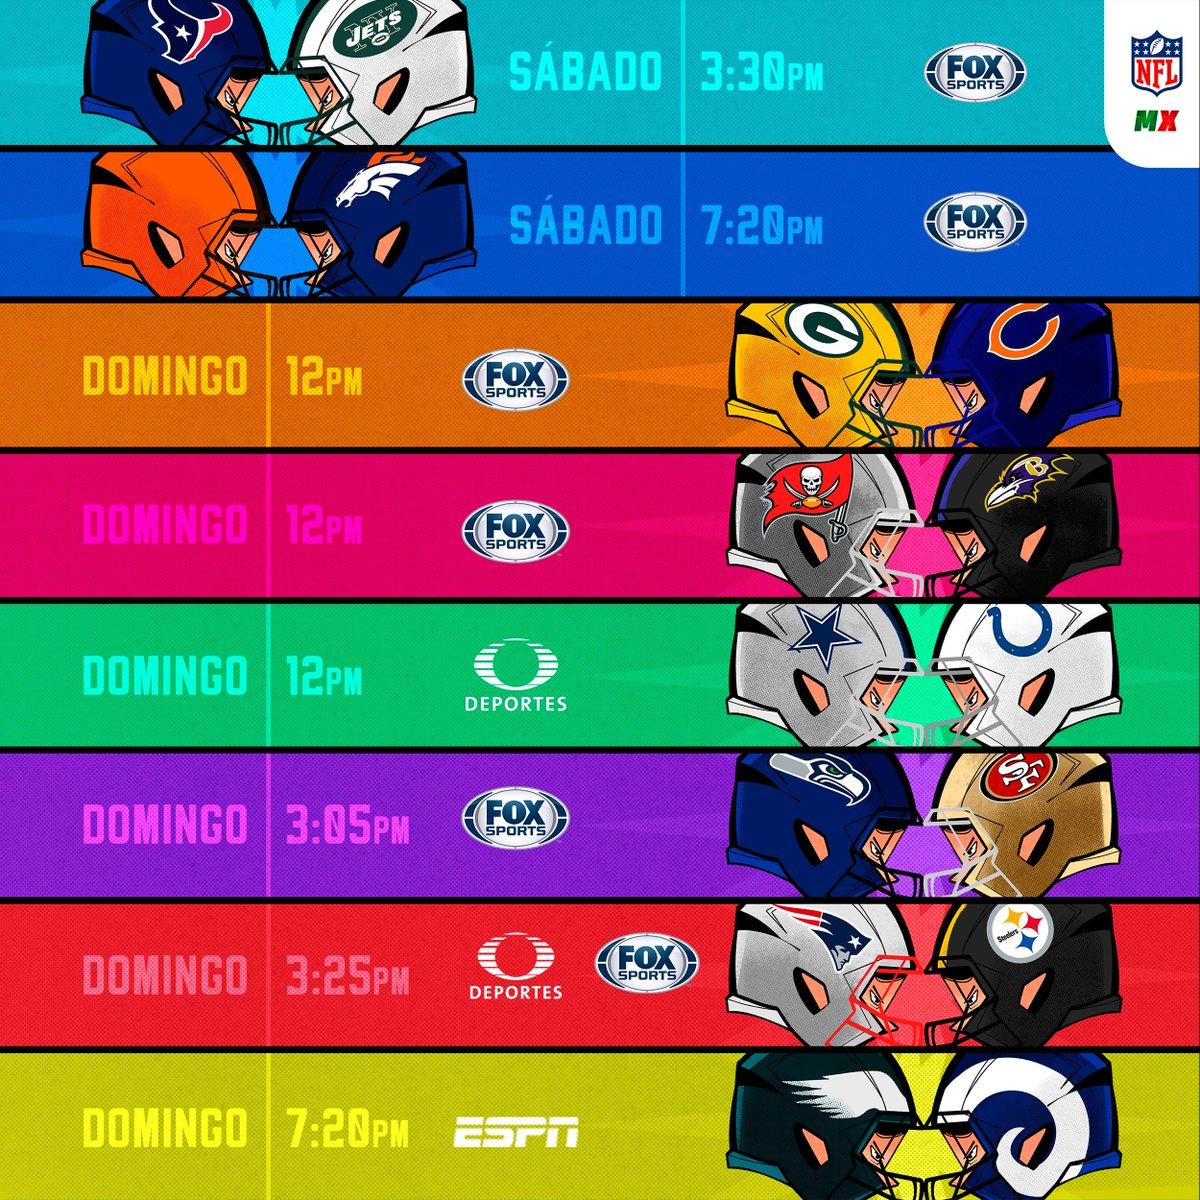 Nfl Mexico On Twitter Que Juegazos Este Fin De Semana Se